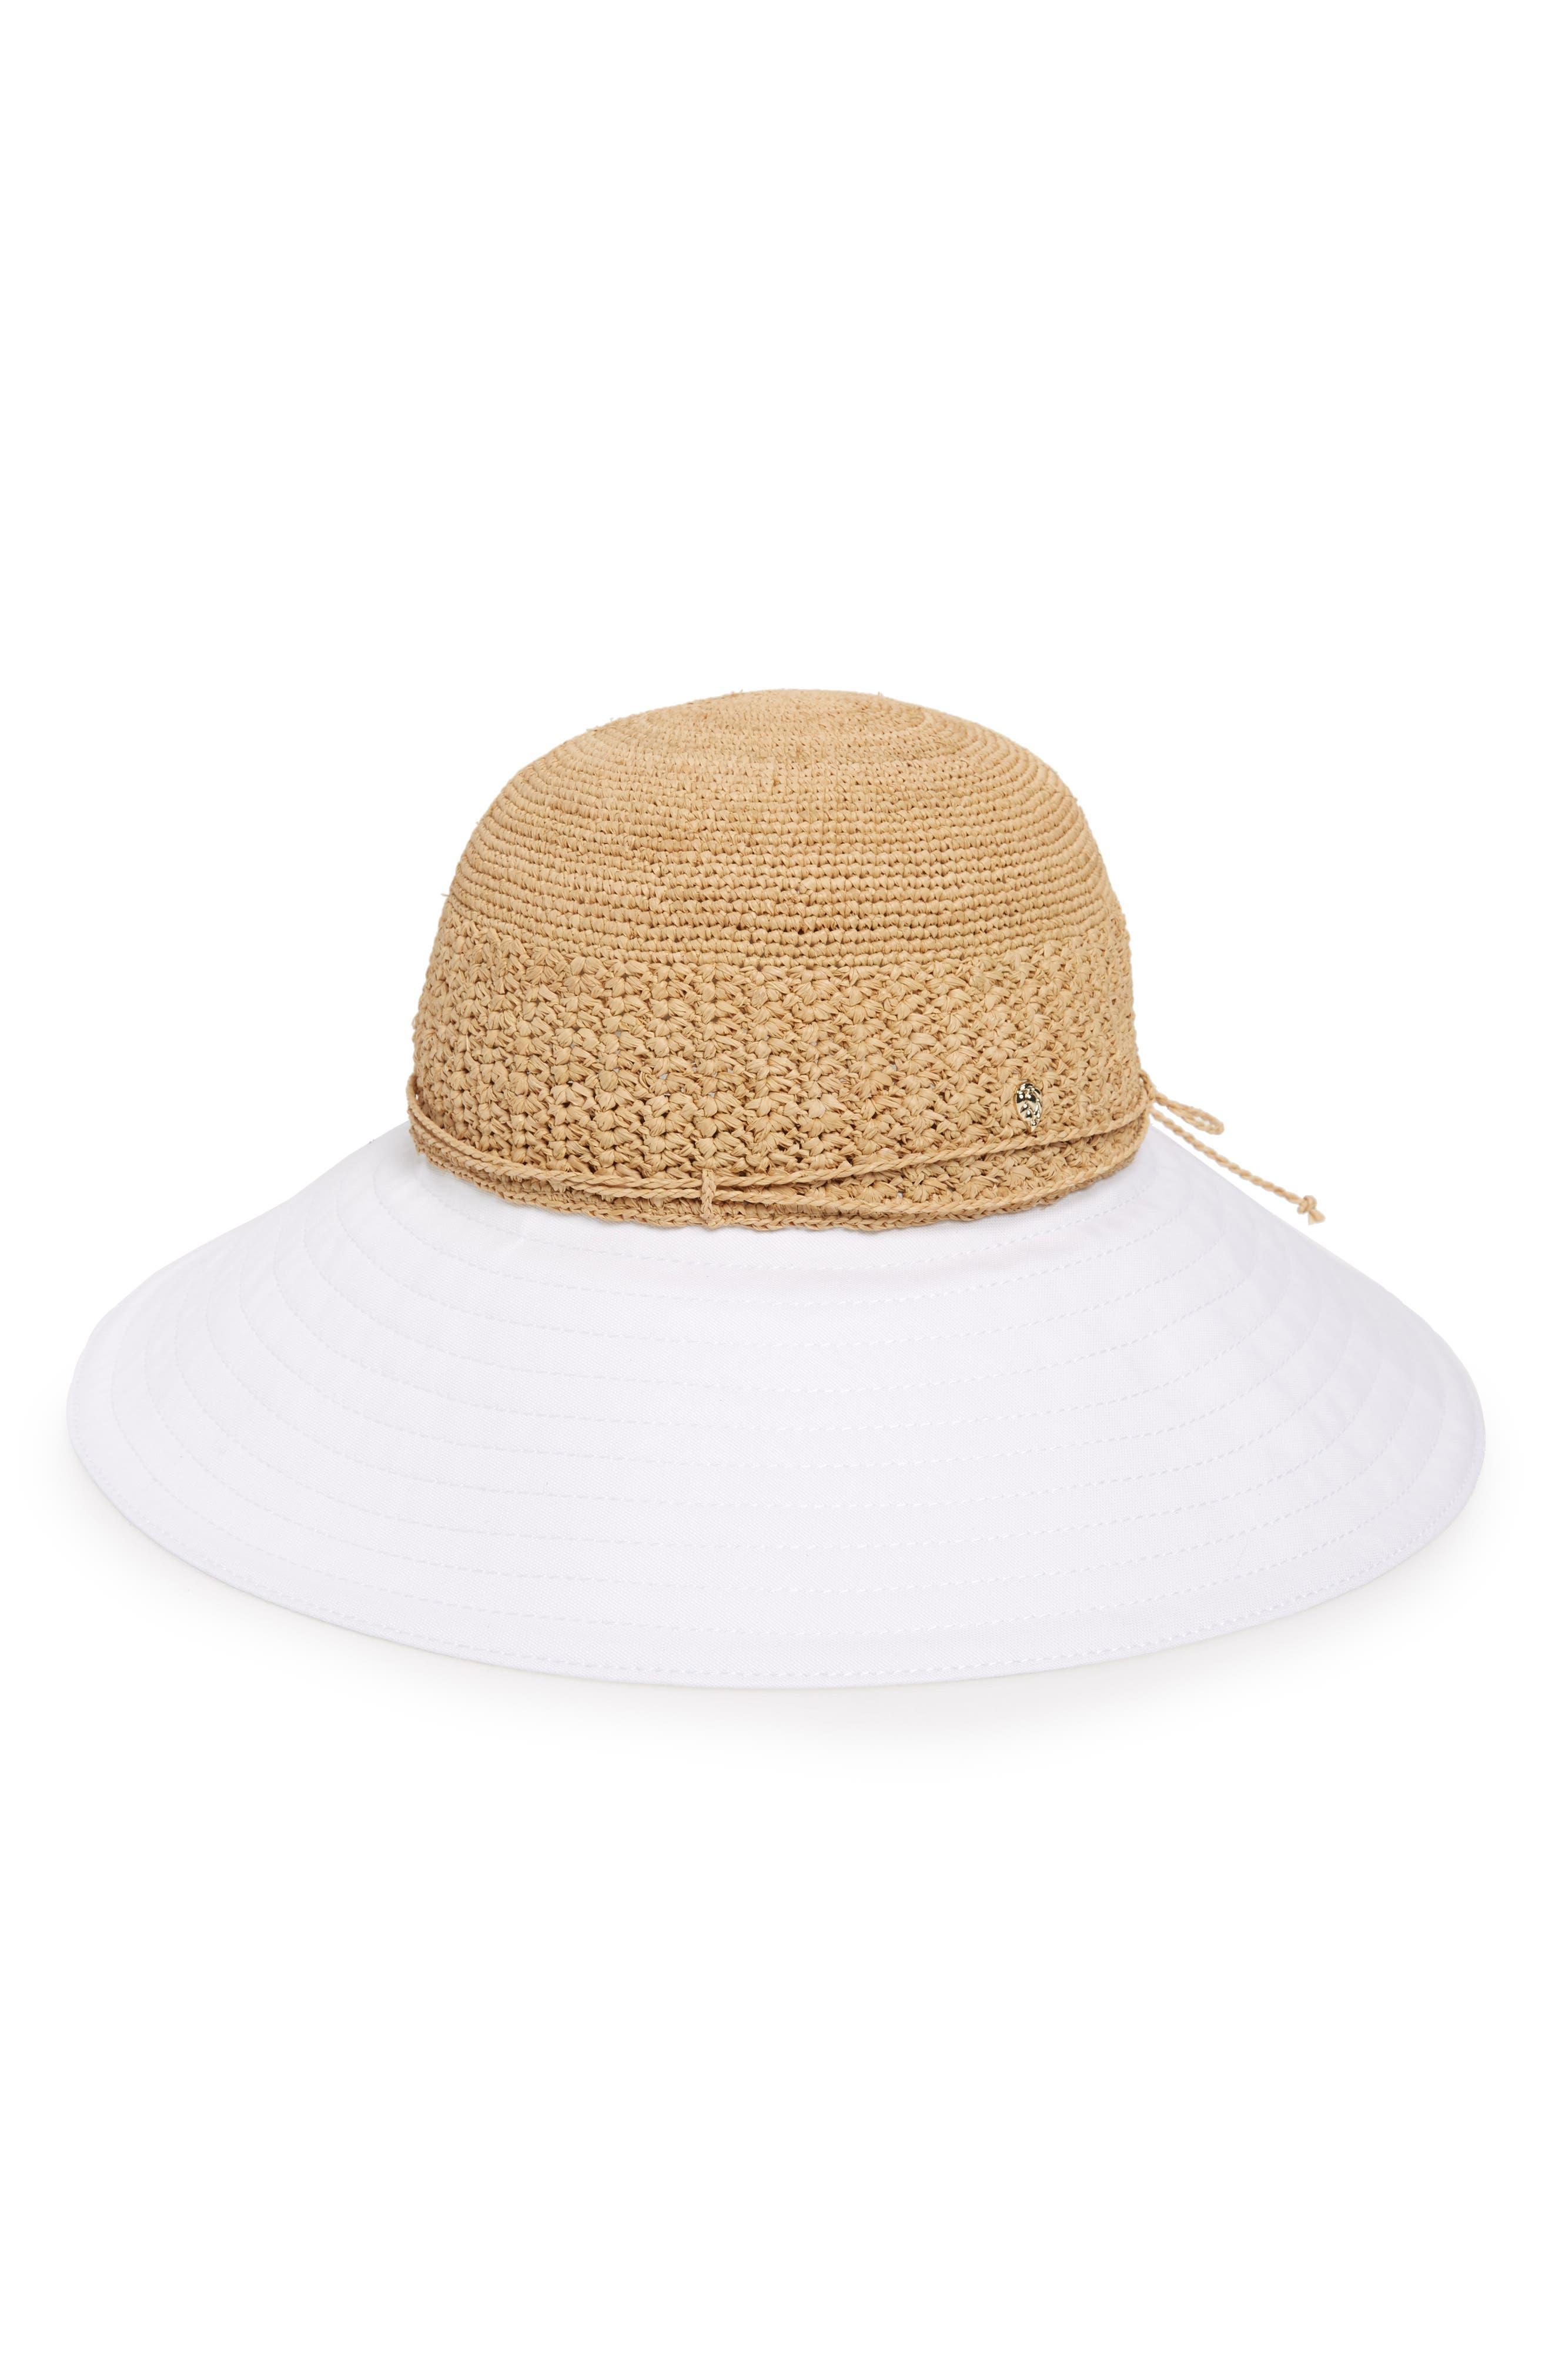 Raffia & Cotton Packable Wide Brim Hat,                         Main,                         color, NATURAL/ WHITE